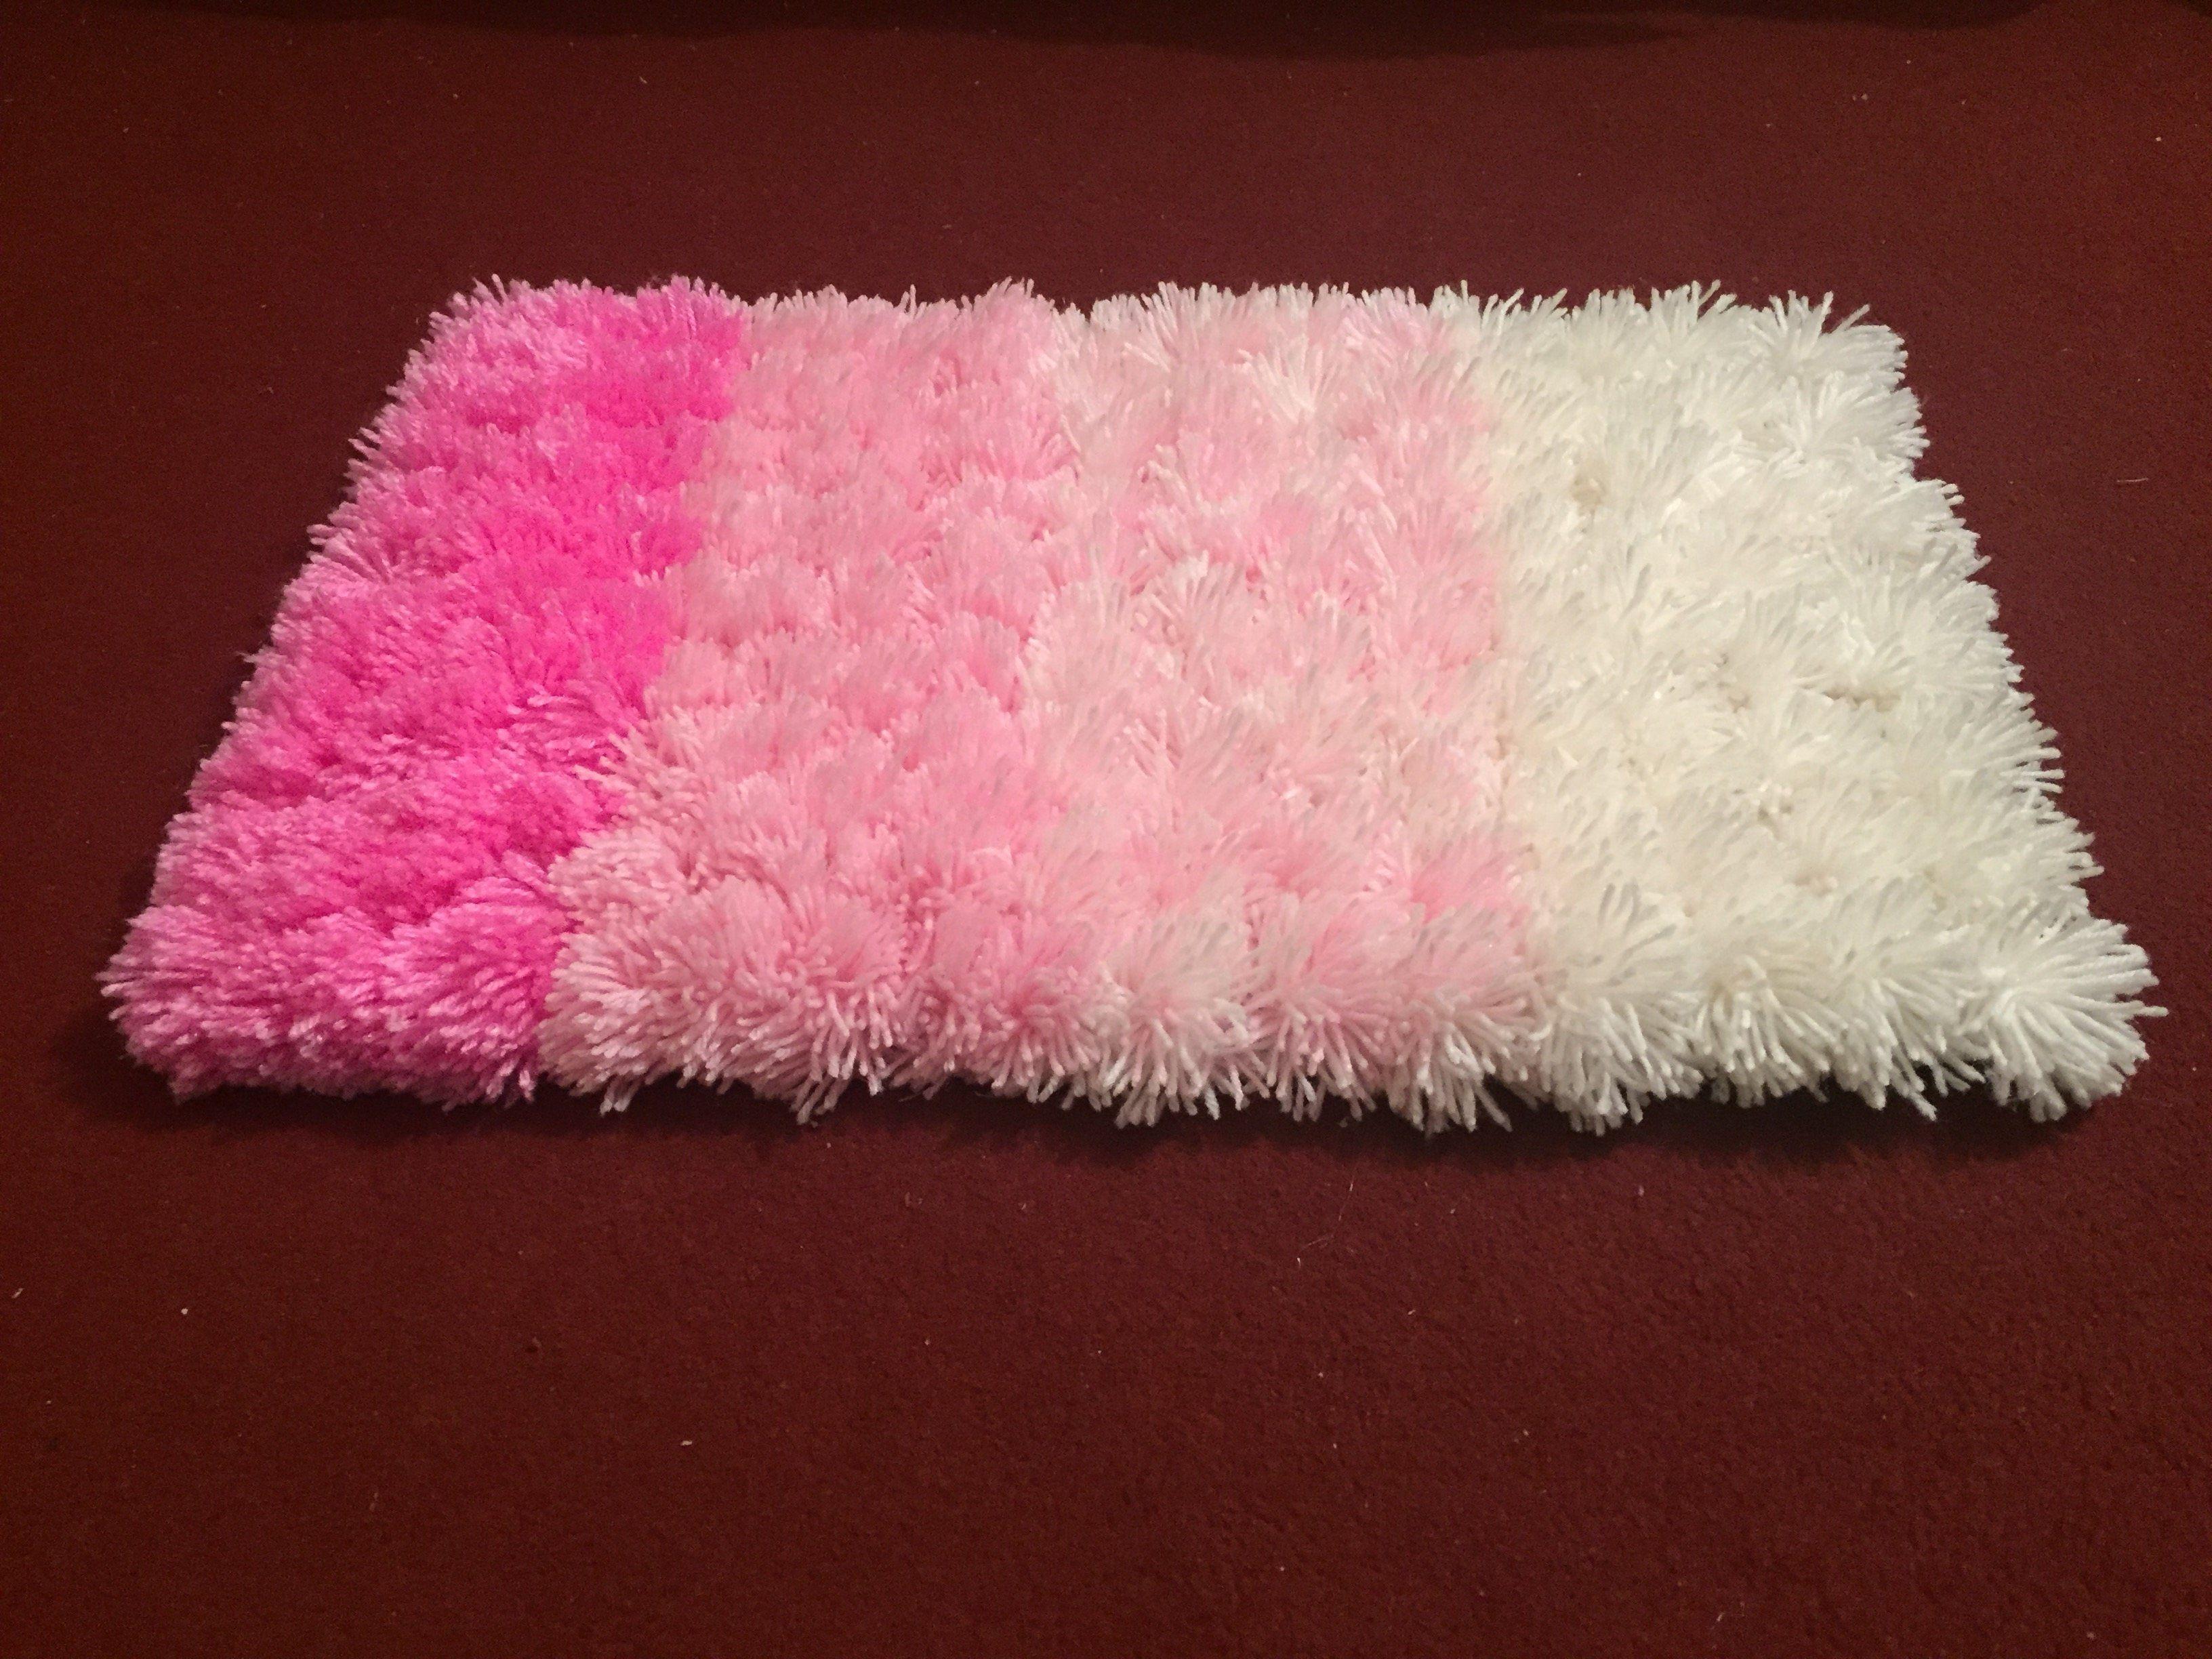 Pink Pompom Rug Crshimlawoolenclothes